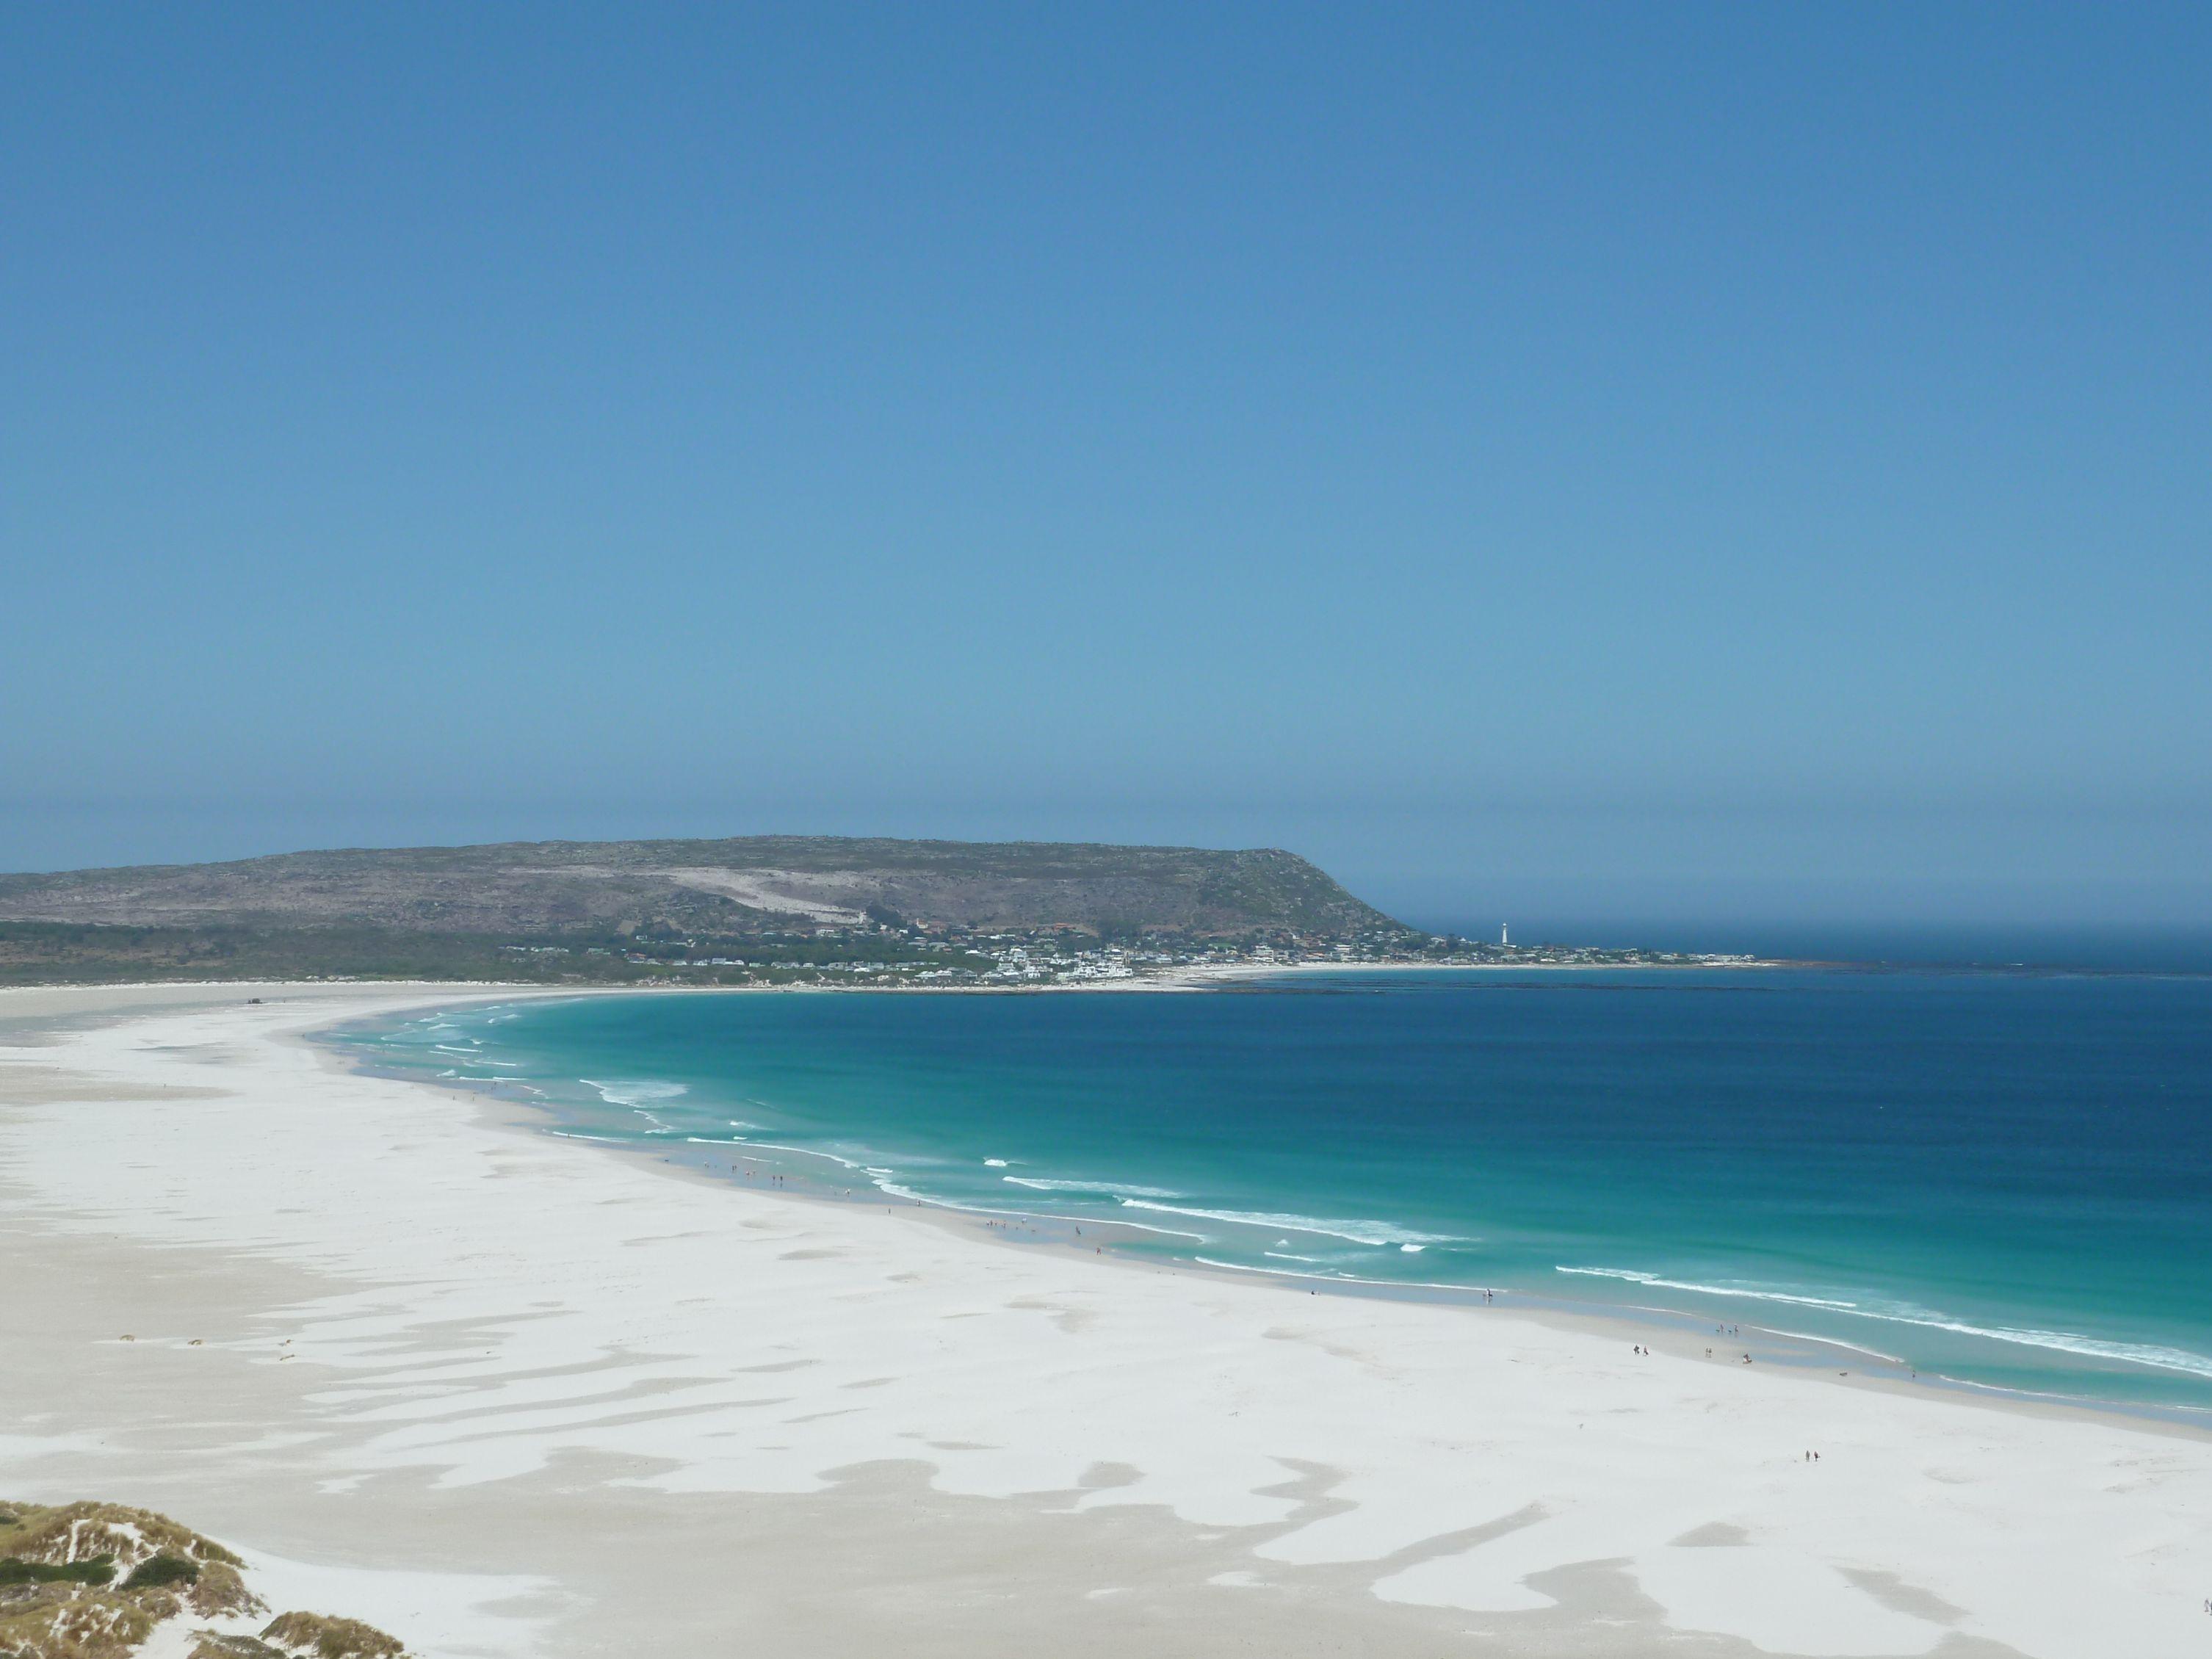 Bělostné pláže Kapského poloostrova